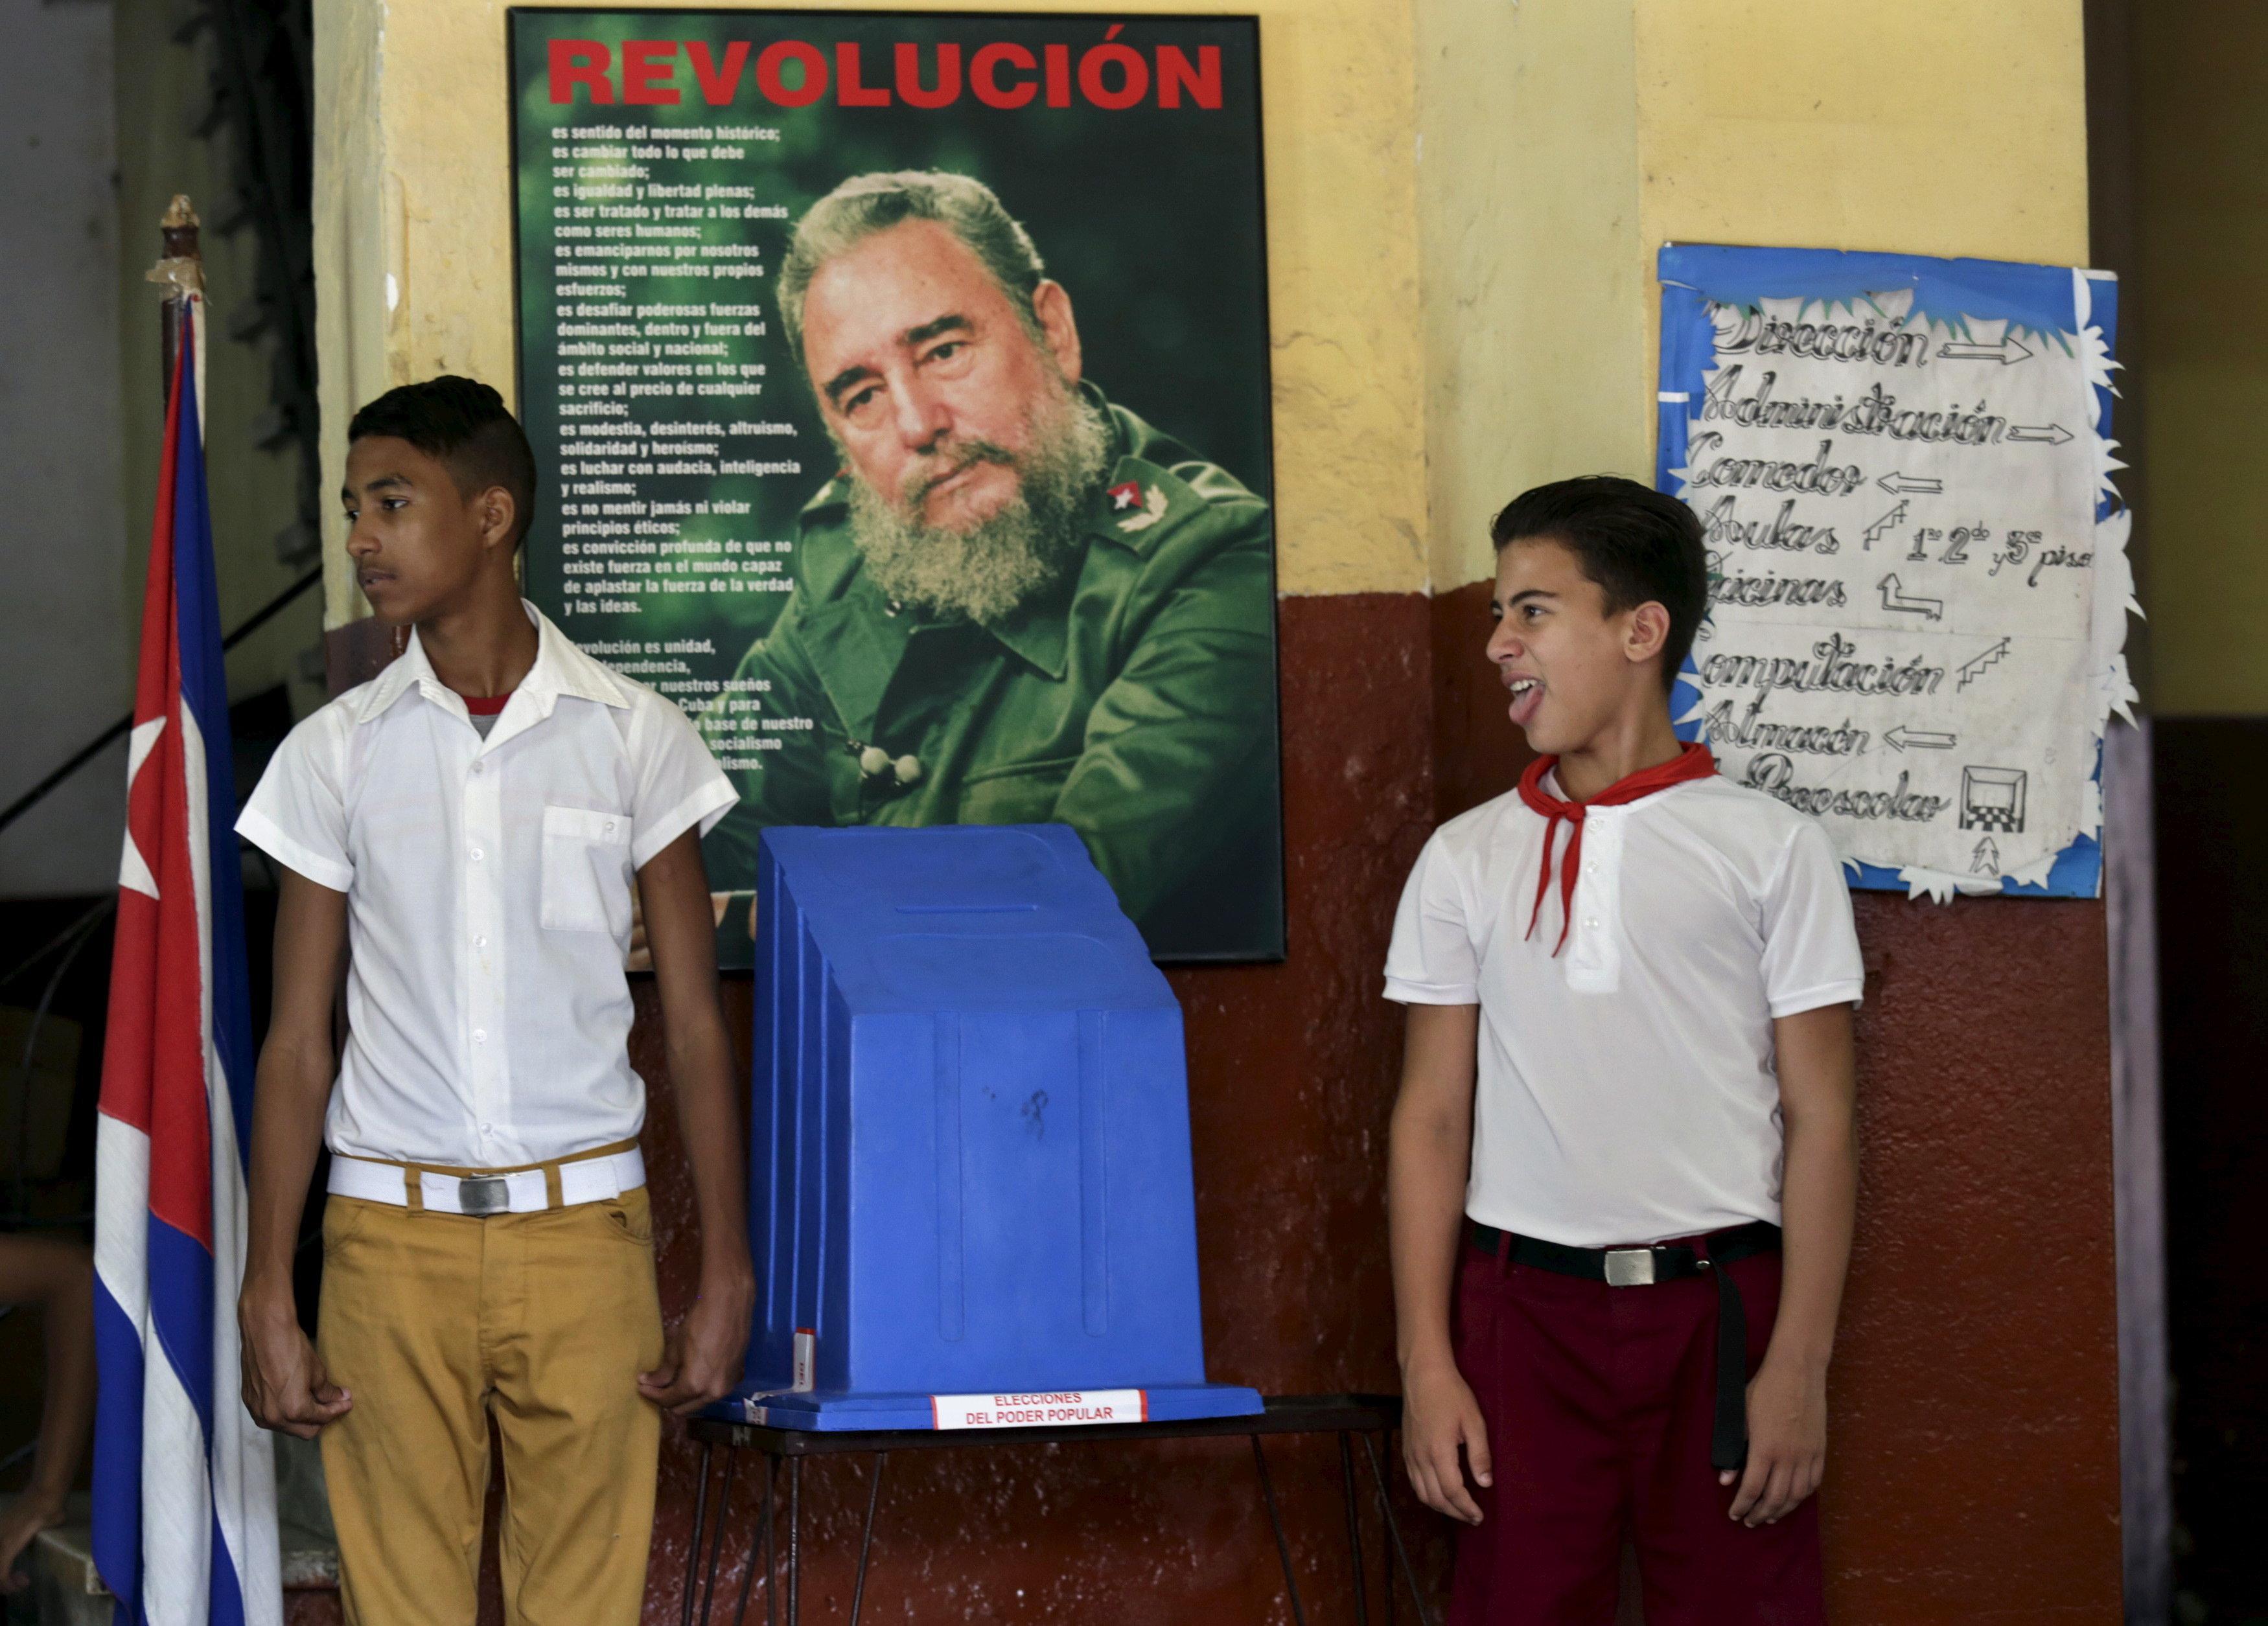 Κάλπες για το Σύνταγμα στην Κούβα: Σοσιαλισμός και μετά την